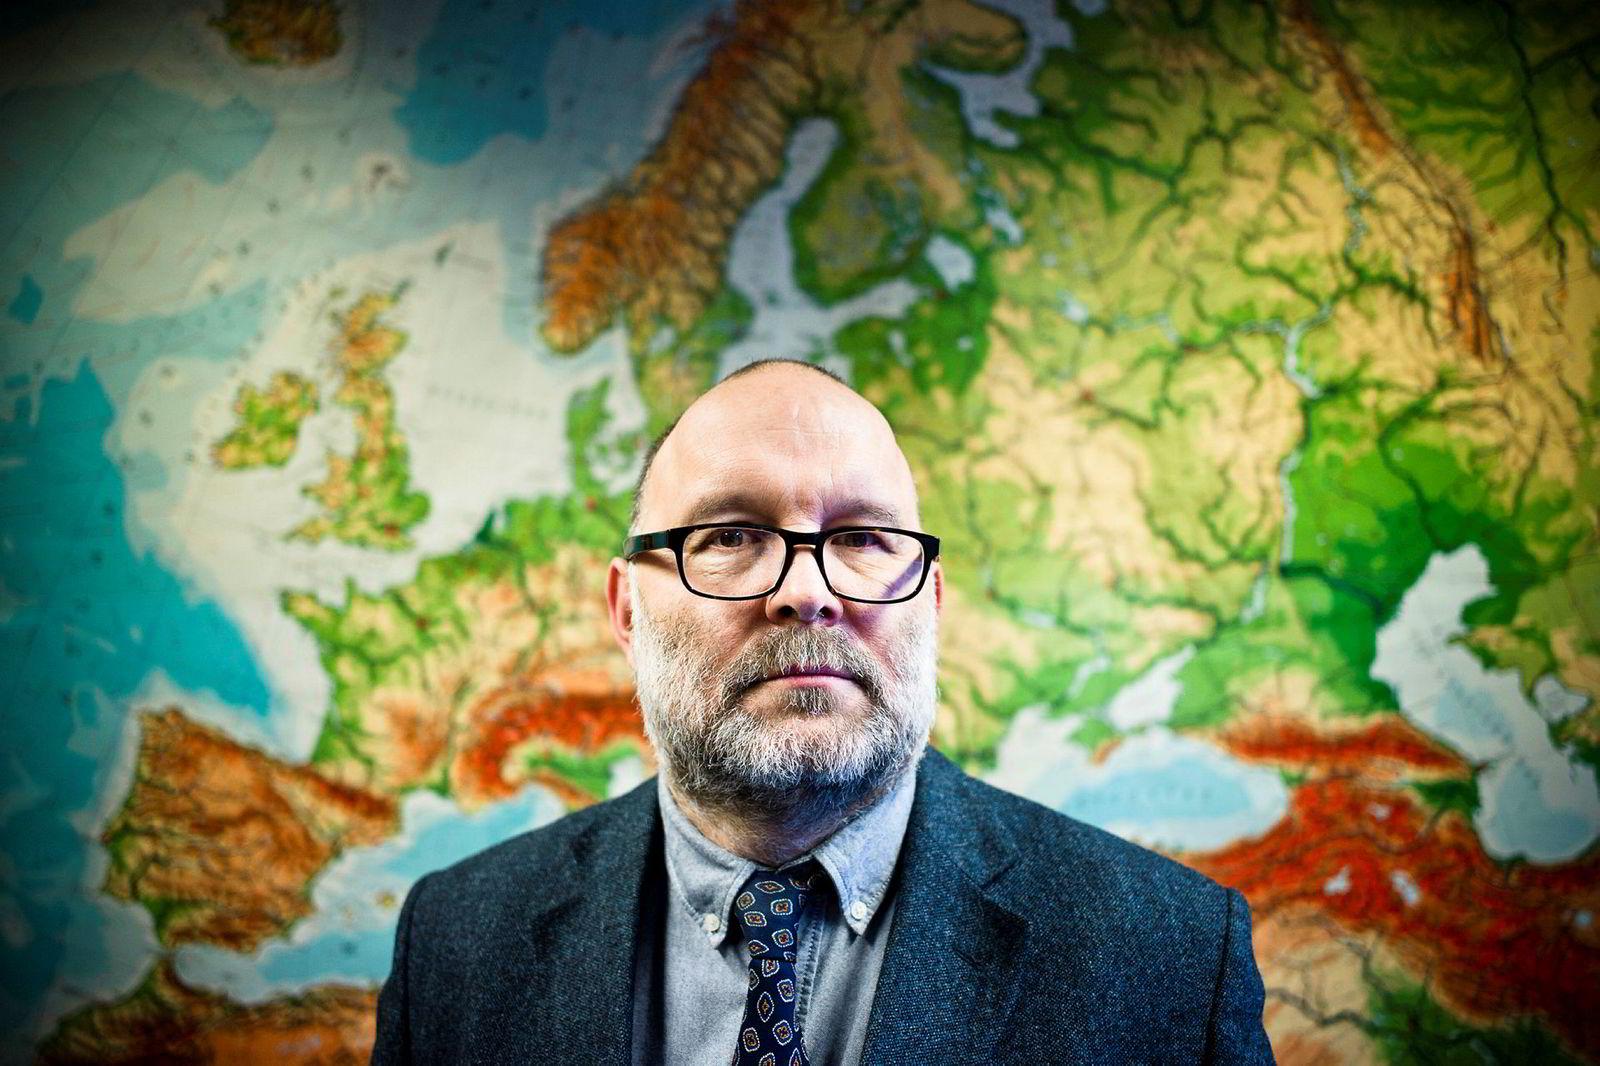 Jacub M. Godzimirski er forsker ved Norsk Utenrikspolitisk Institutt (Nupi)